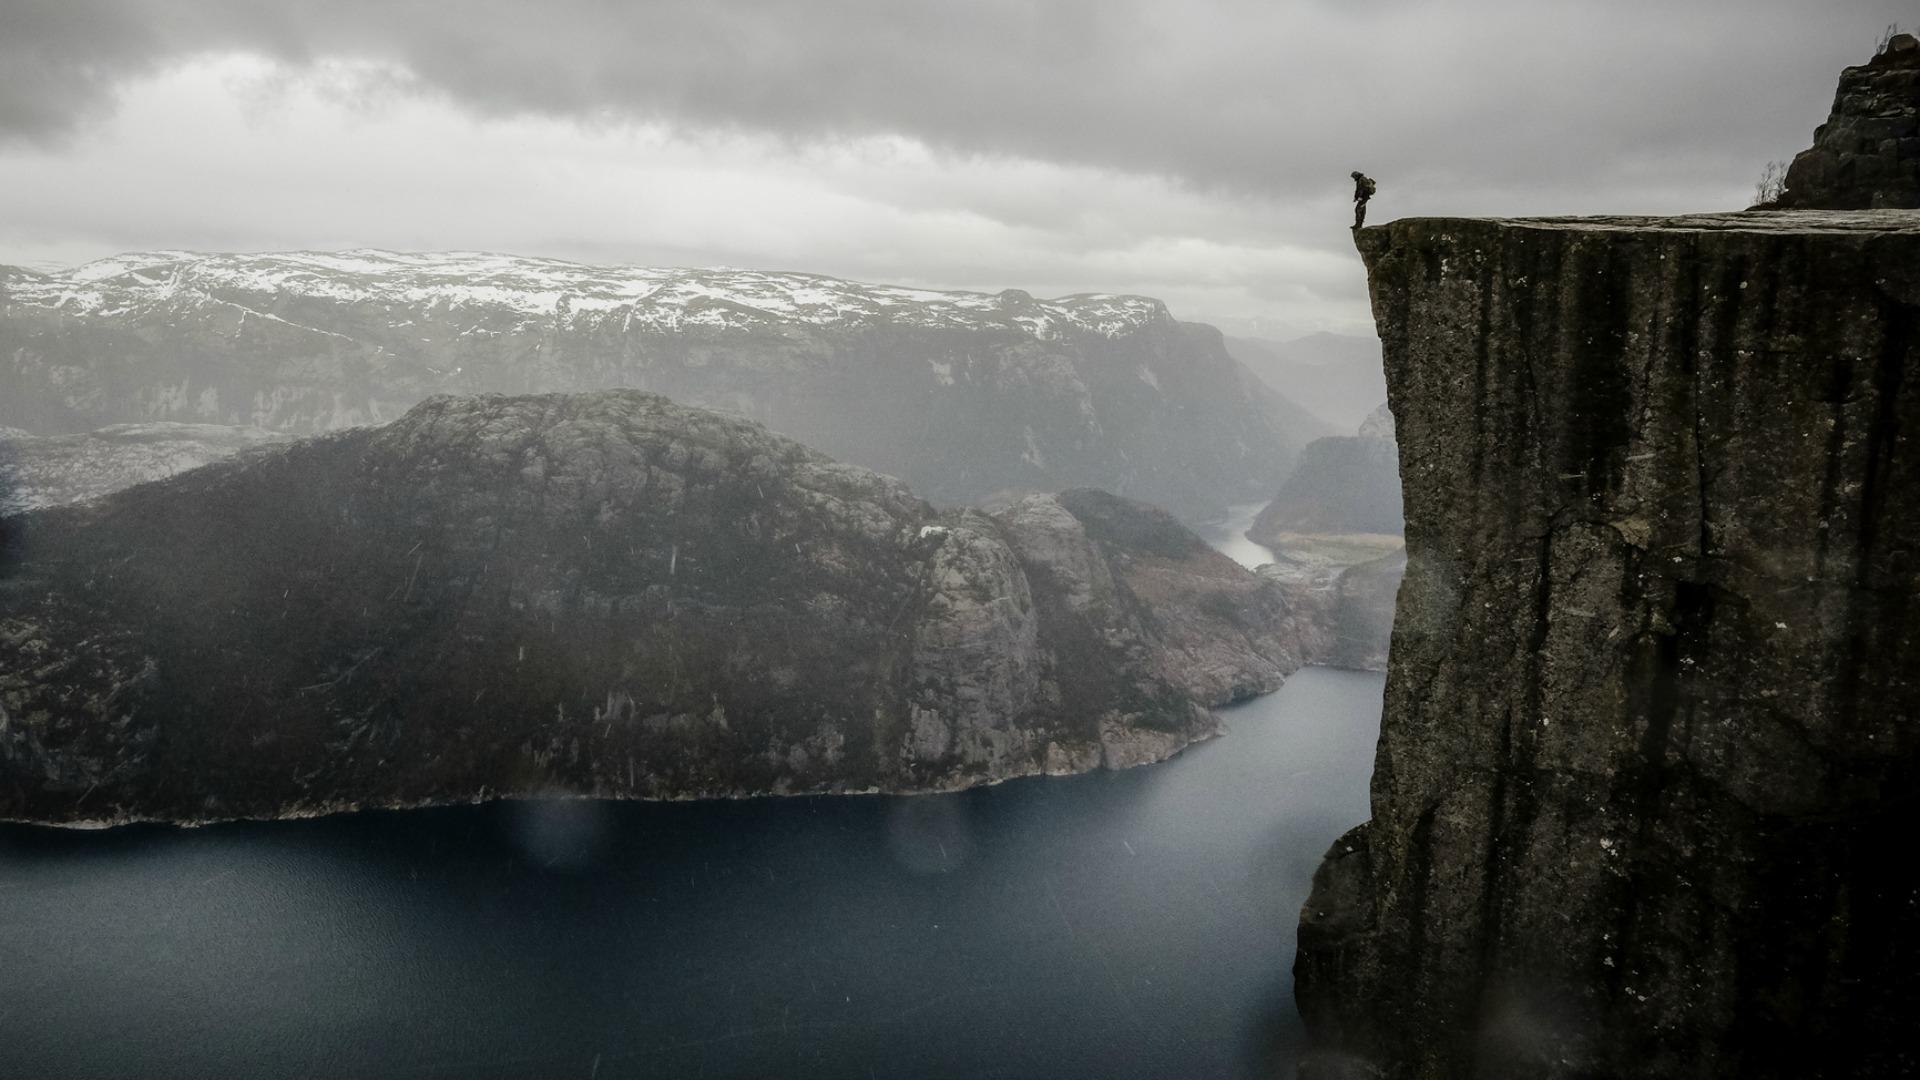 edge-of-cliff